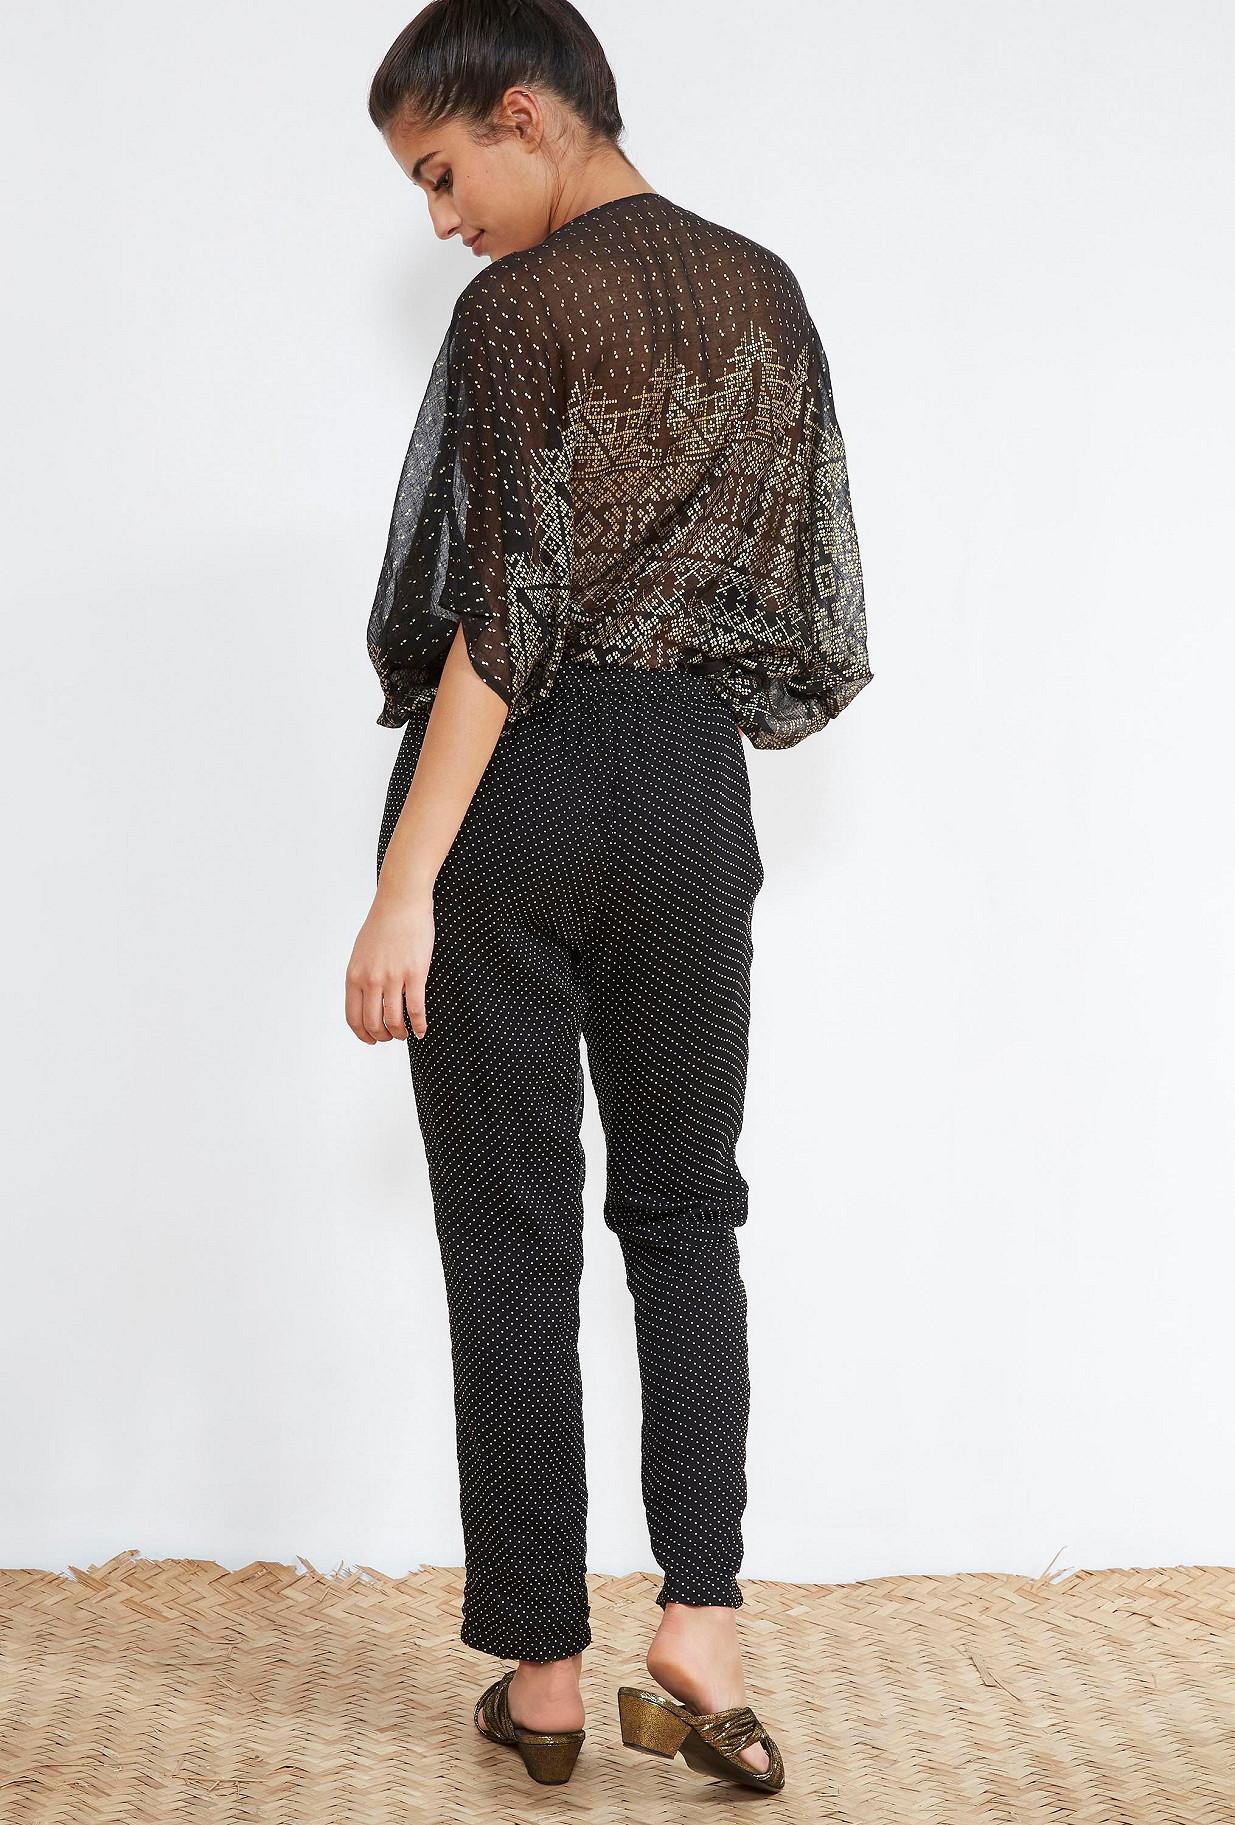 boutique de pantalon femme auriga mode createur paris. Black Bedroom Furniture Sets. Home Design Ideas